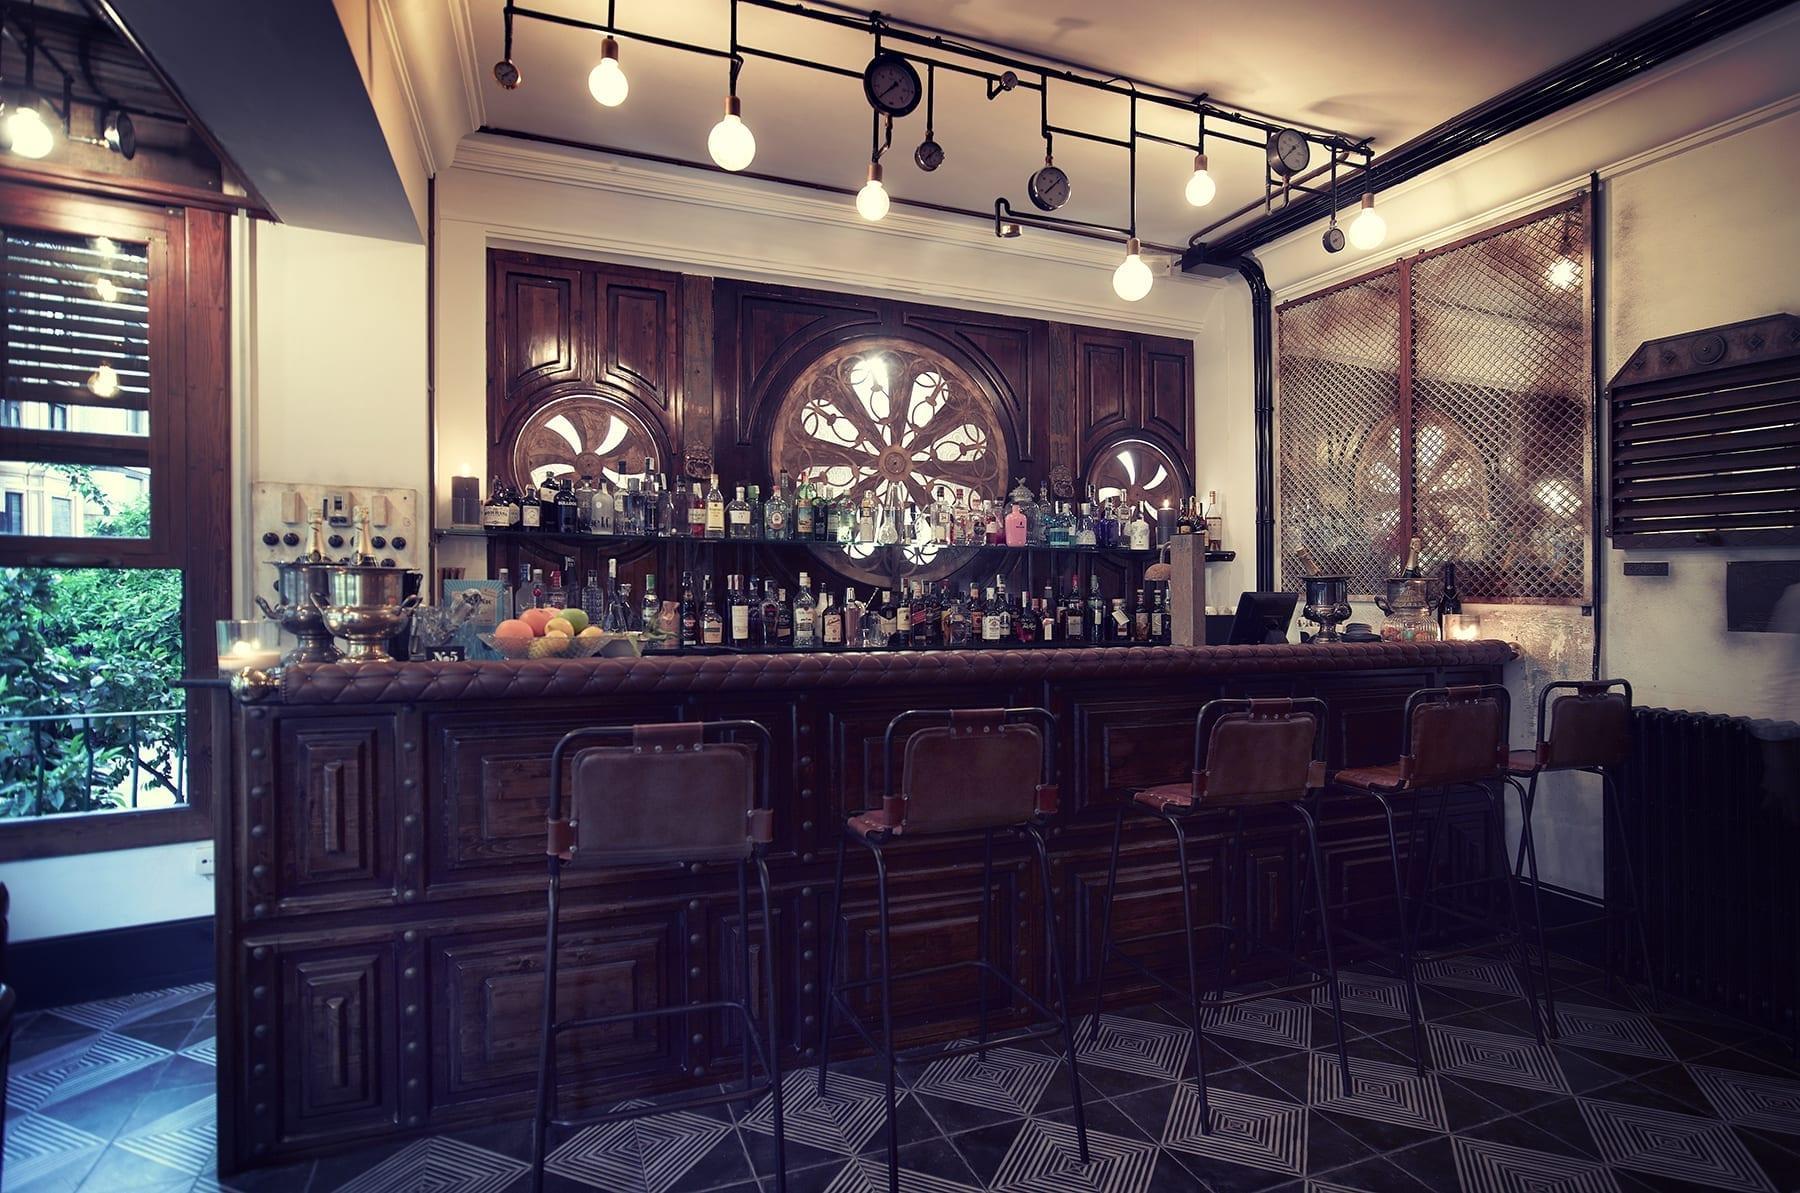 Imágenes de la barra de bar en N5.